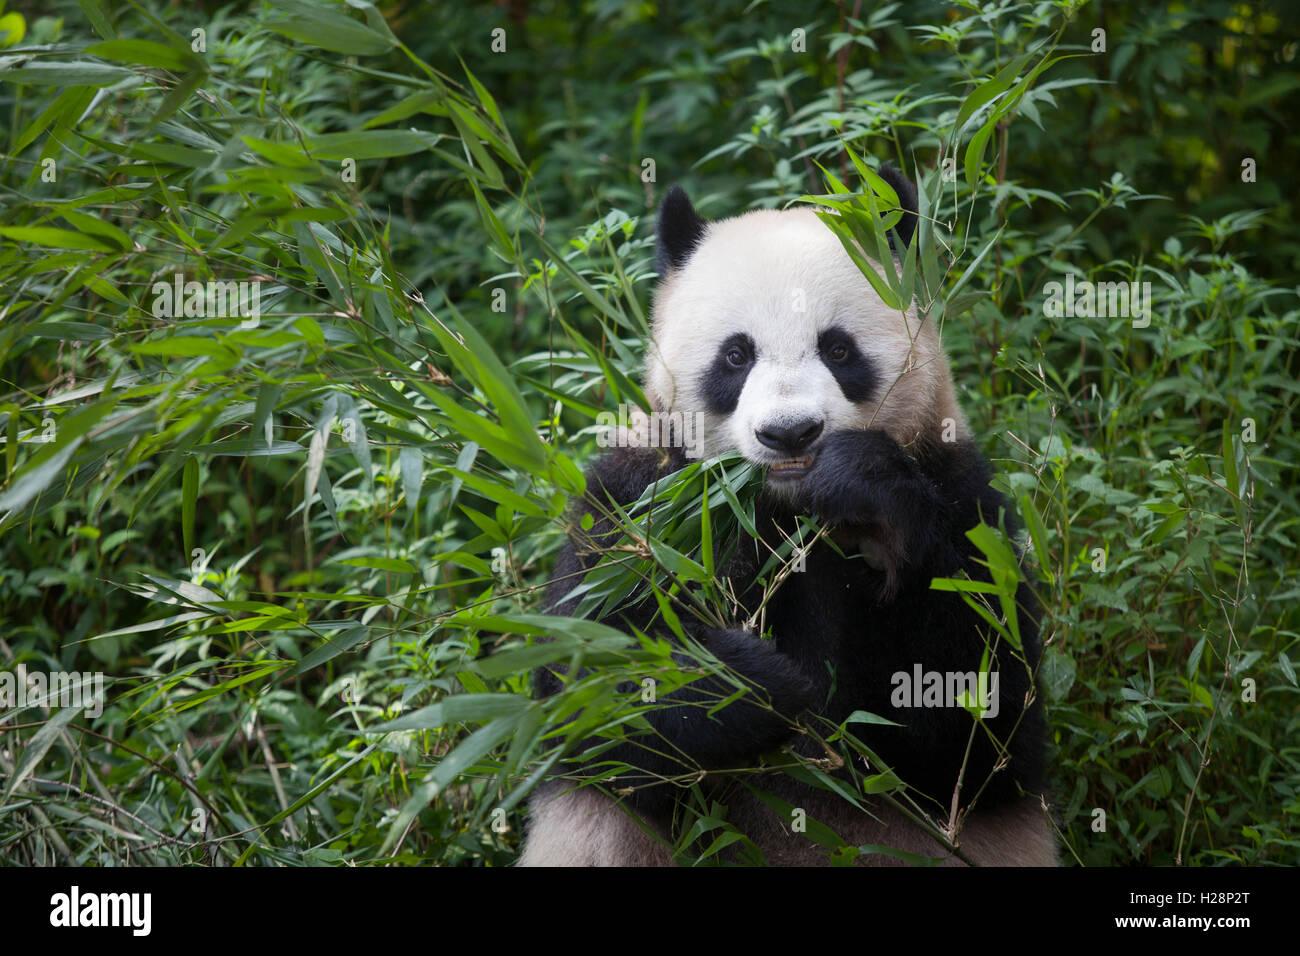 Panda est en train de manger des feuilles de bambou à Bifengxia Panda National réserver dans le Sichuan, Photo Stock